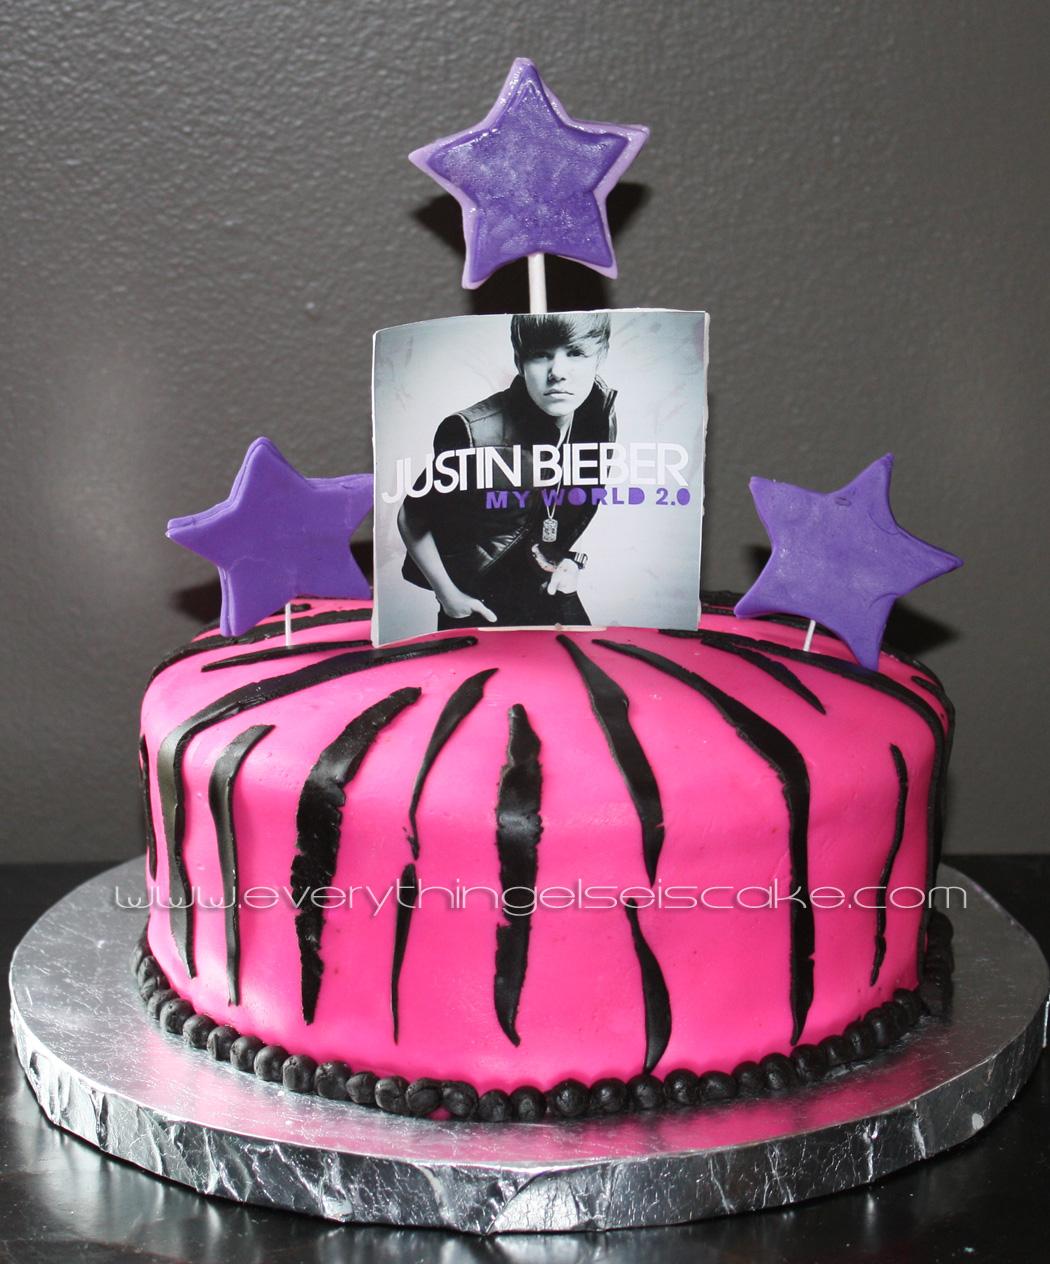 Cake Designs No Fondant : Birthday Cake Ideas No Fondant For Girl Birthday Cakes ...